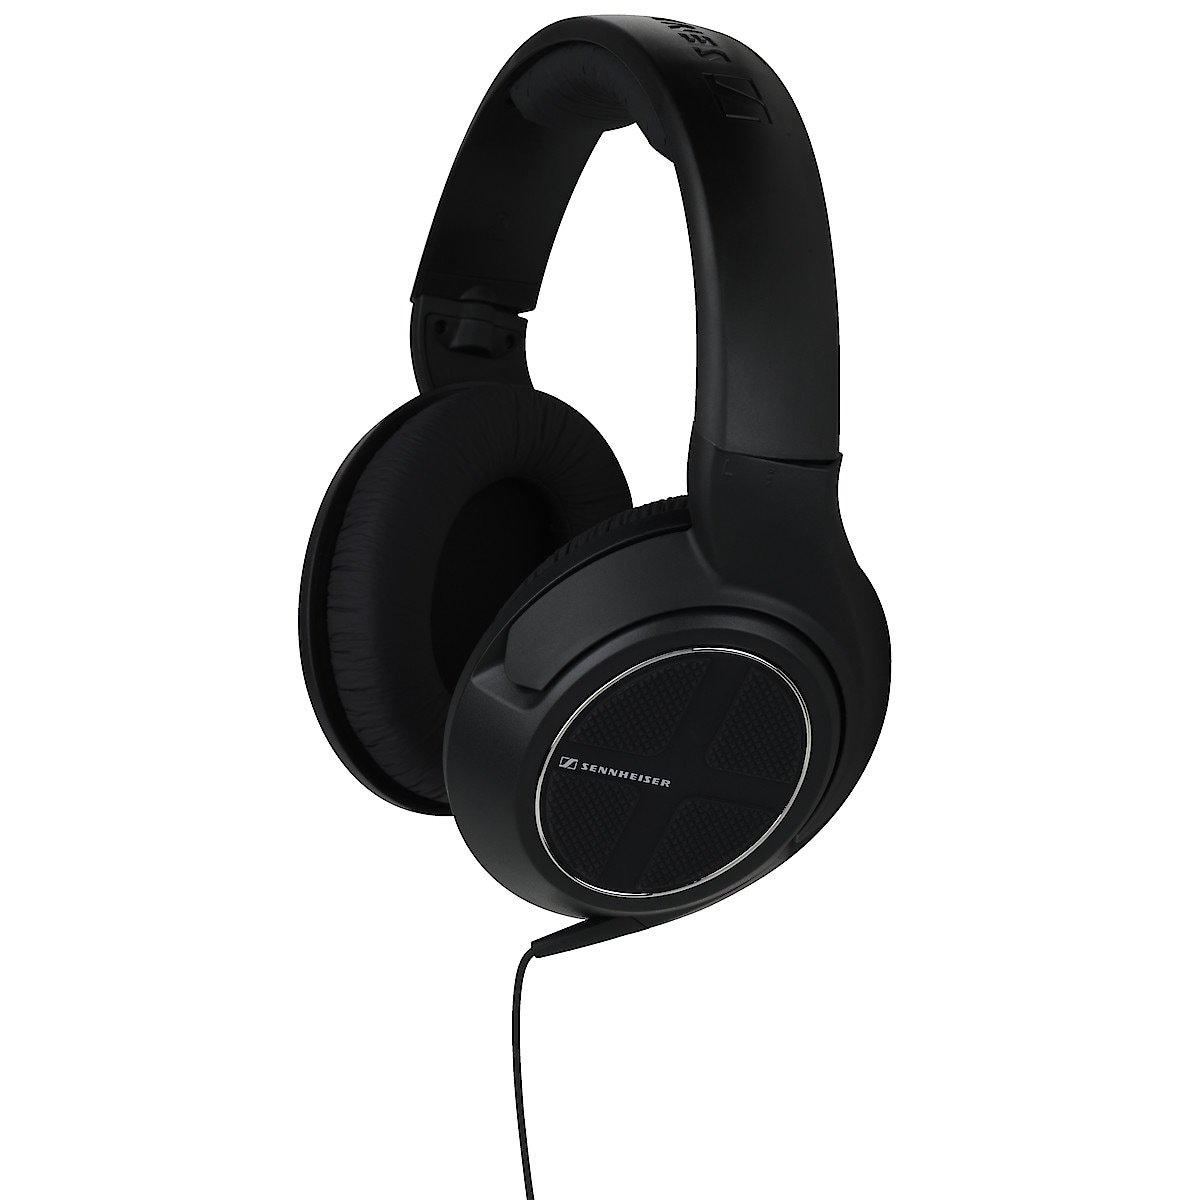 Sennheiser HD428 headset